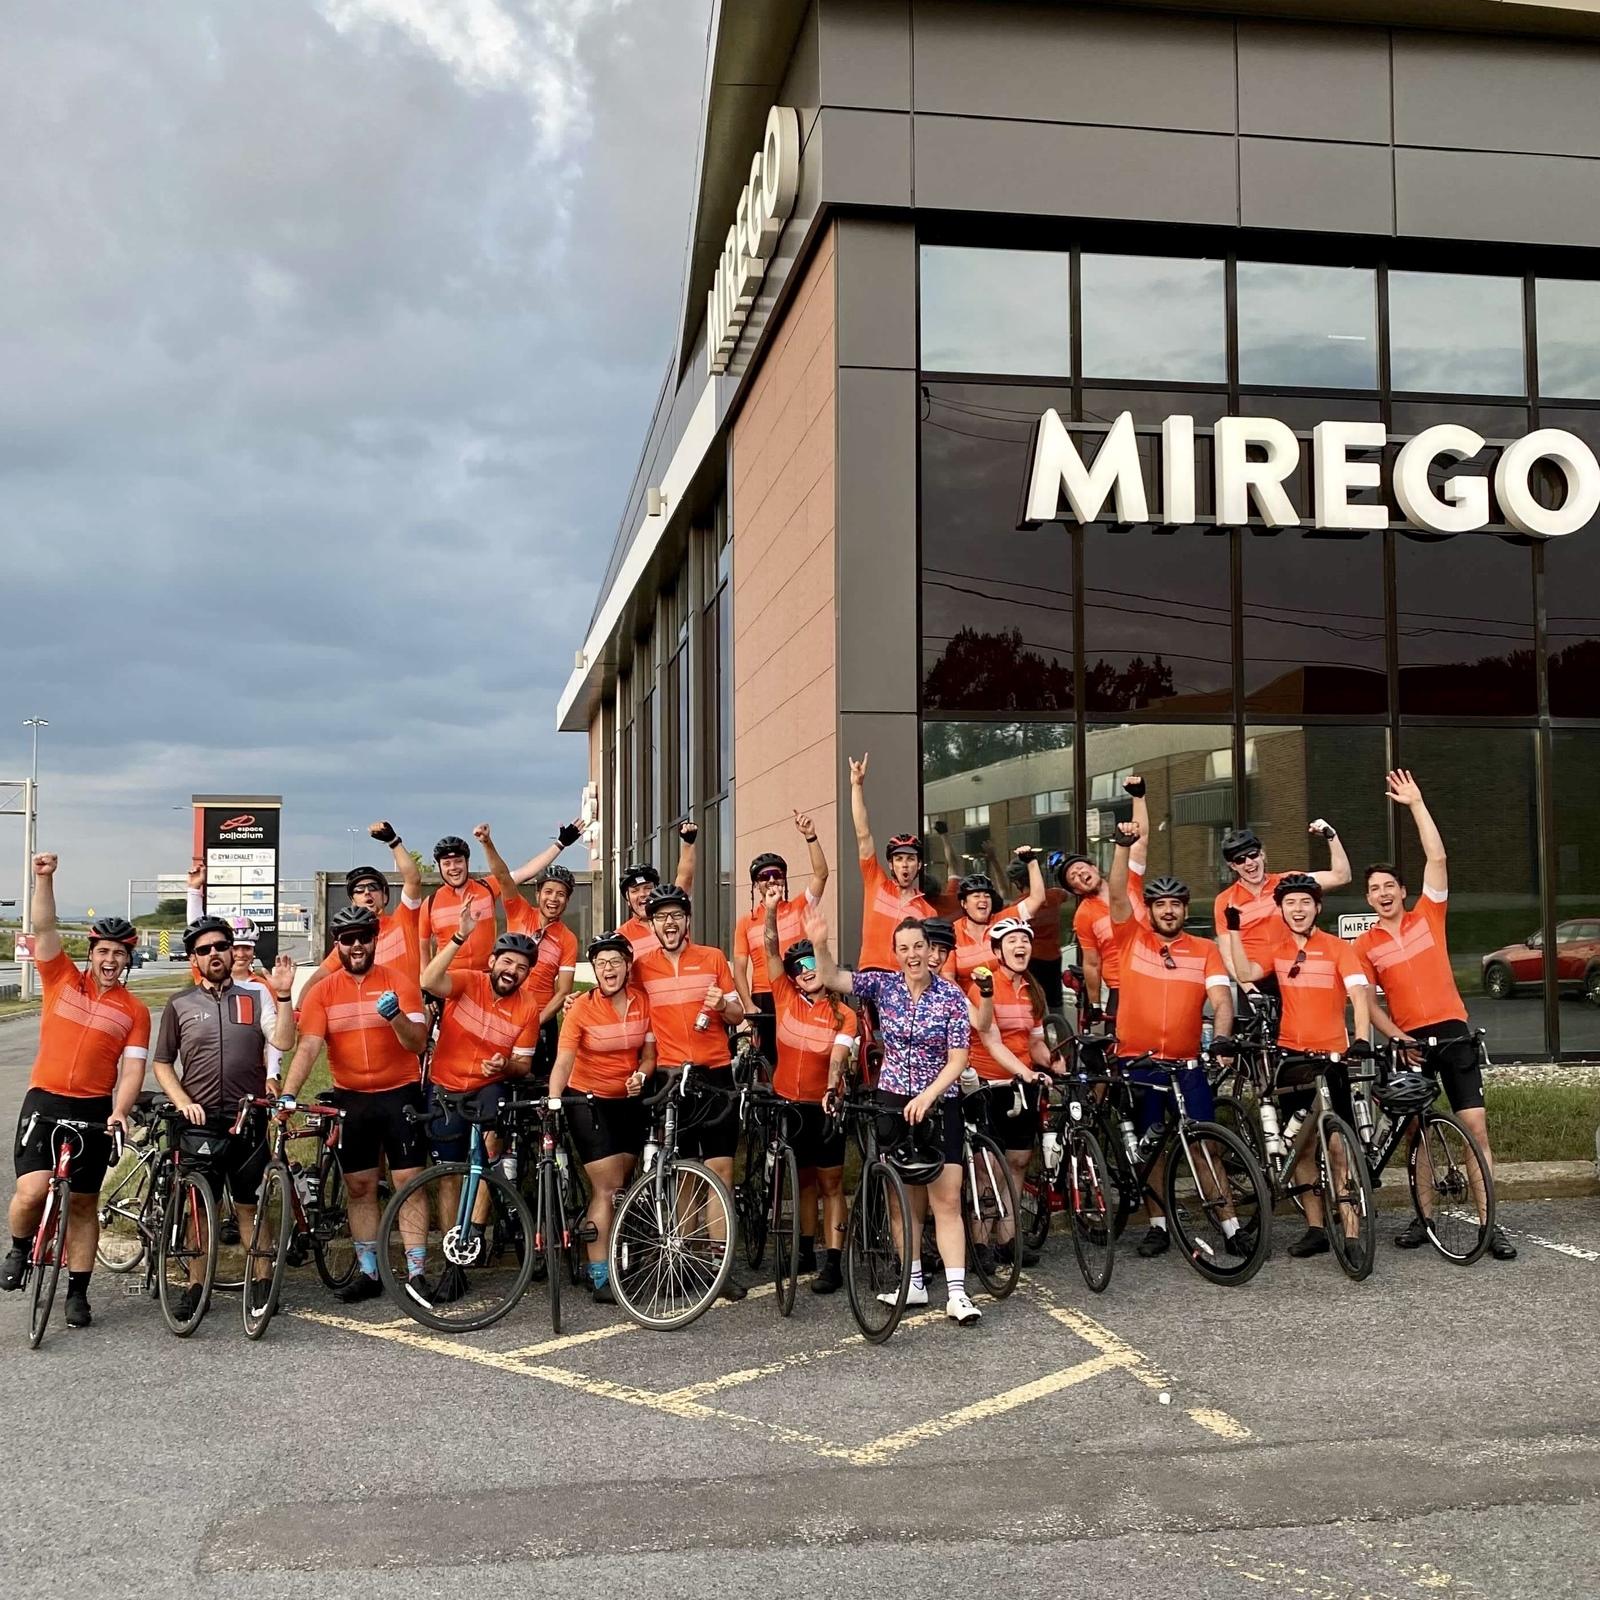 Mission accomplie! MTL-QC à vélo en 3 jours! 🚴♀️🚴🏼🚴🏽♀️🚴🏼🚴♀️